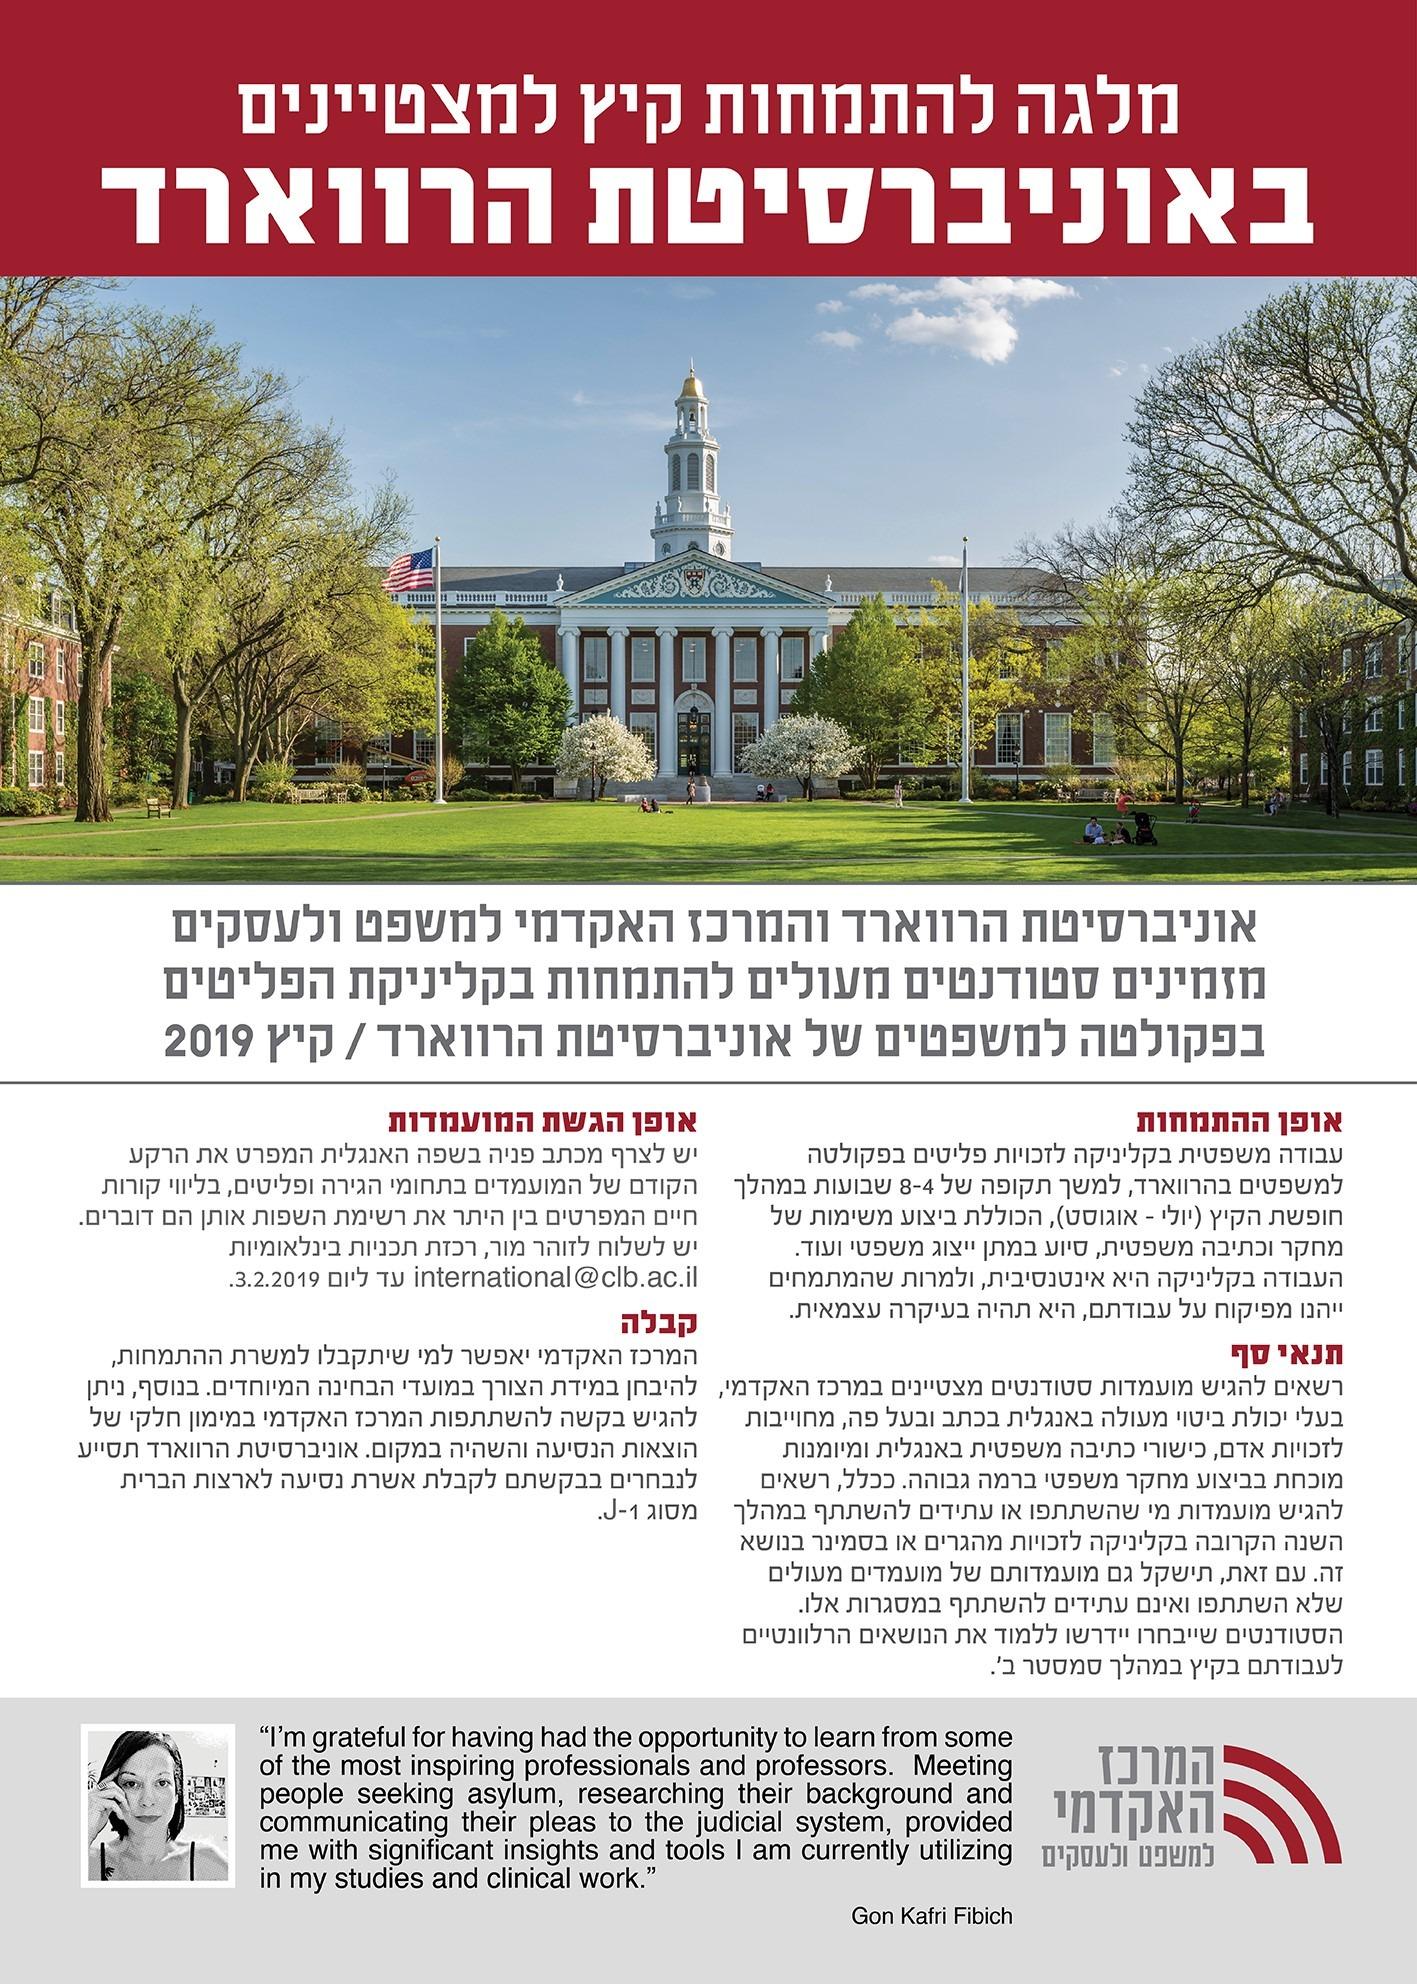 הגישו מועמדות להתמחות קיץ באוניברסיטת הארווארד בקליניקה לזכויות פליטים